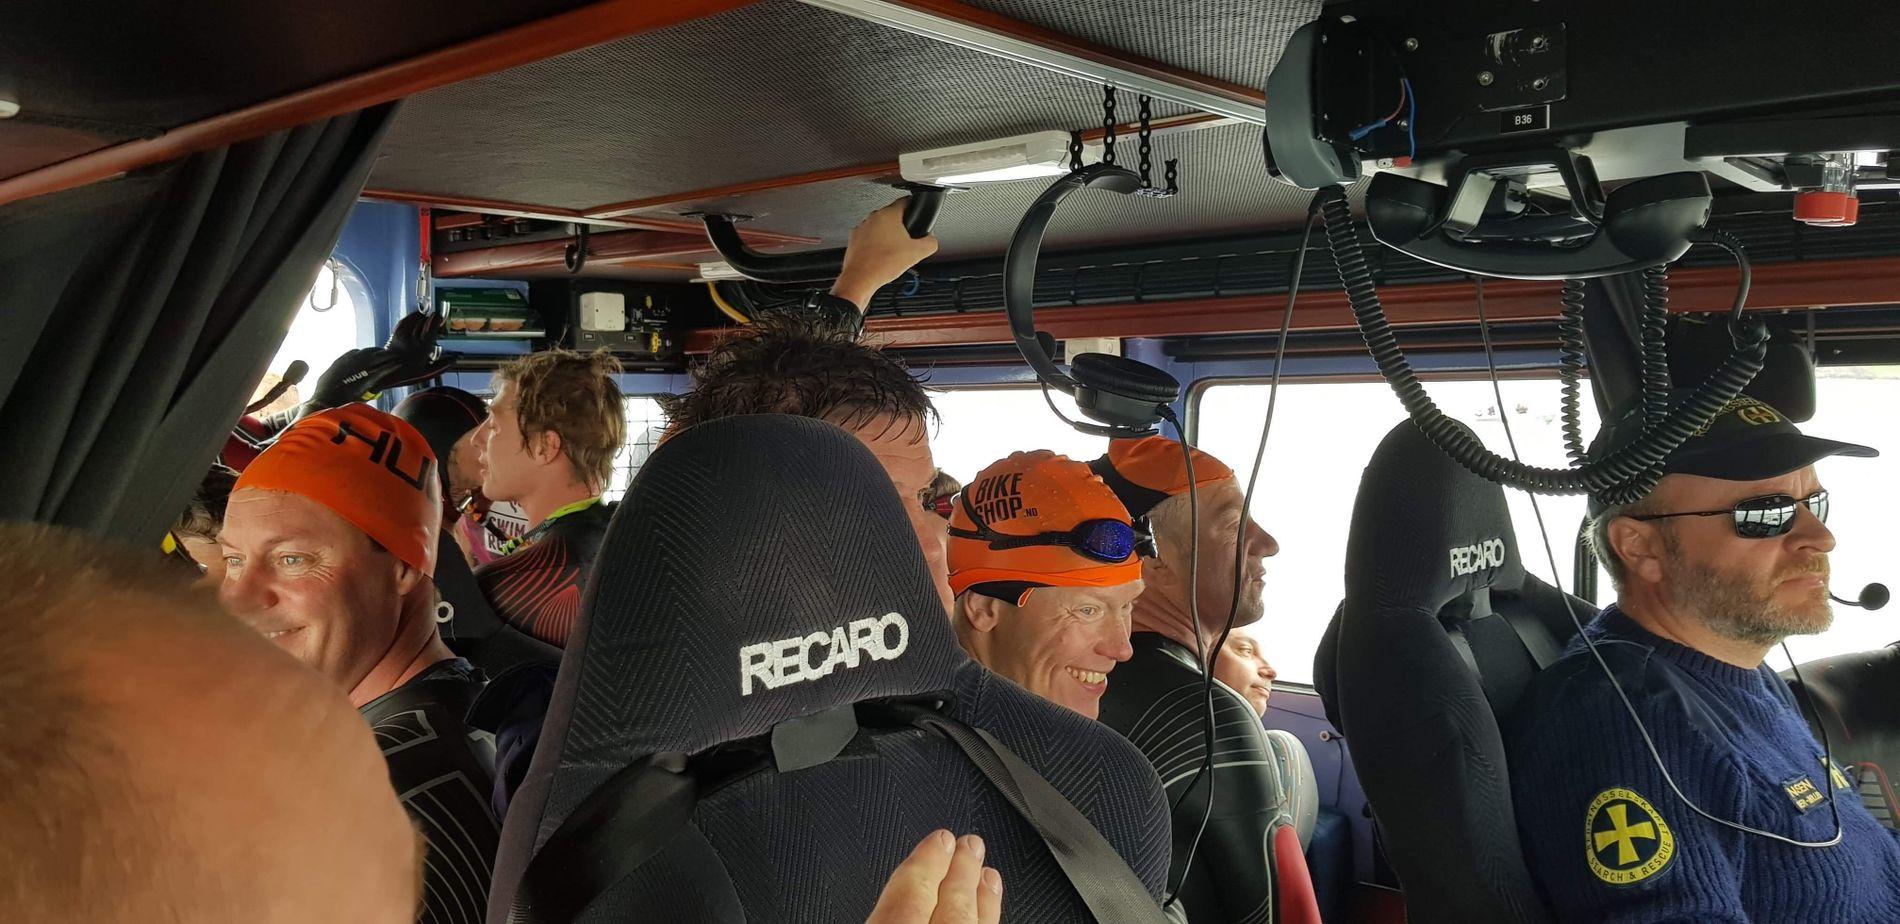 TETTPAKKET: Til slutt hadde RS Elias plukket med seg 53 svømmere. Langt over grensen for hvor mange som er tillatt på 12 personer.